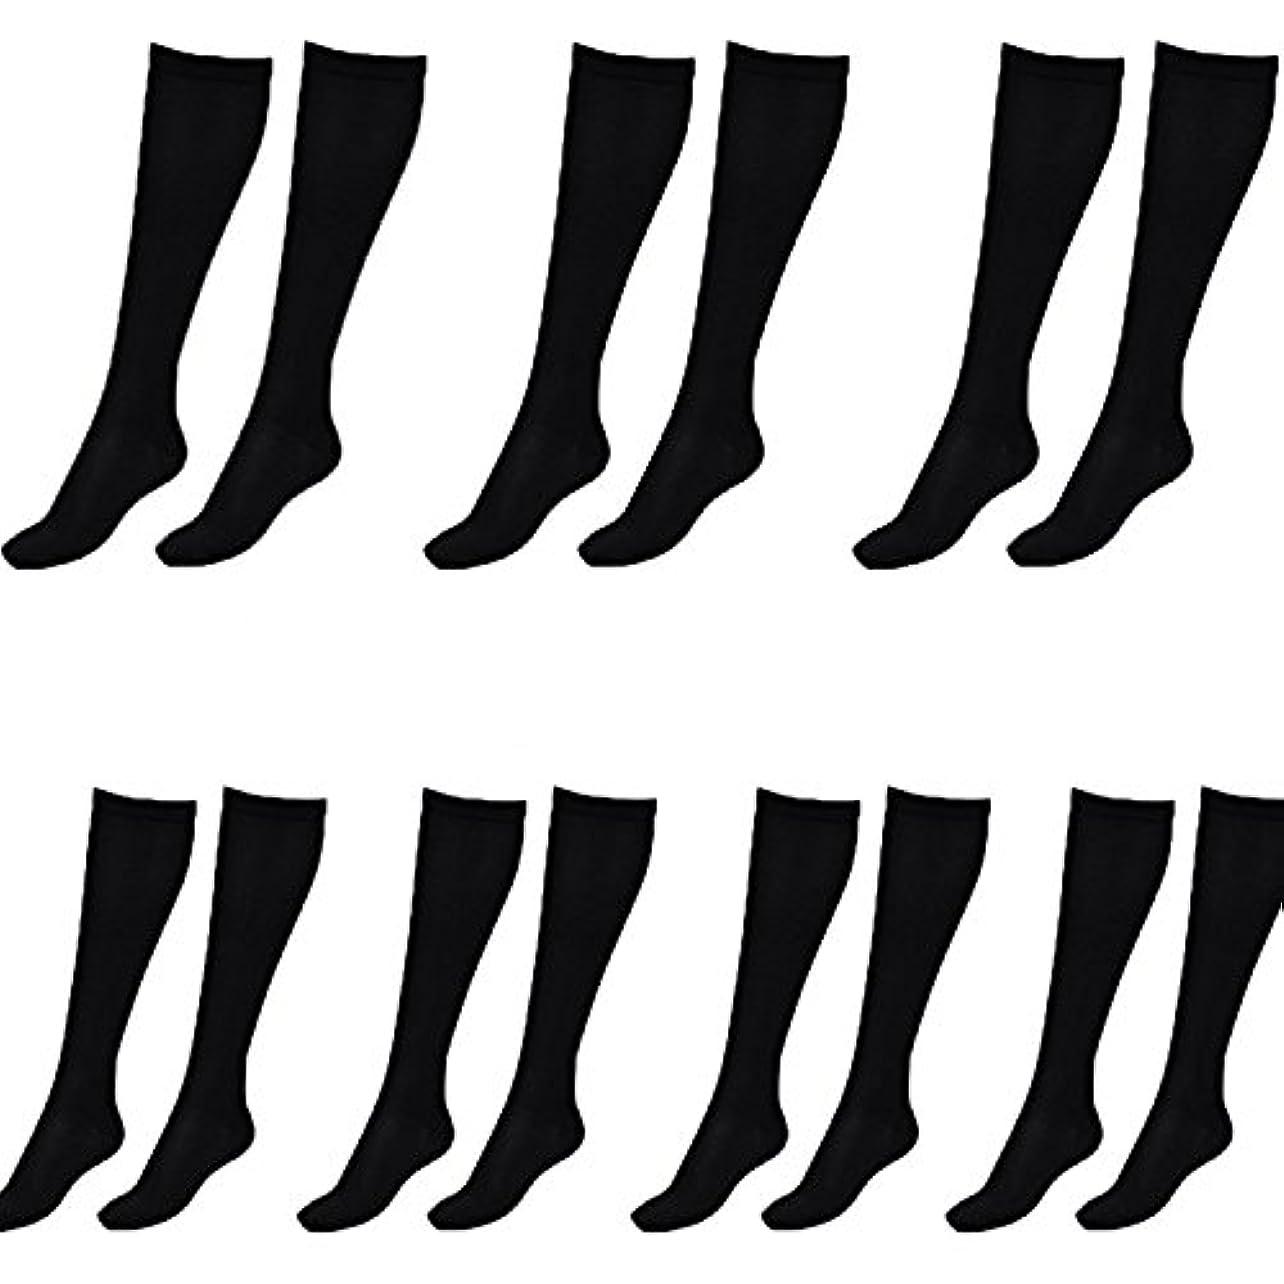 ラベンダー結婚した教会美脚X ビキャックス 強圧補正ソックス レディース 7足セット 着圧 ソックス 引き締め 伸縮 靴下